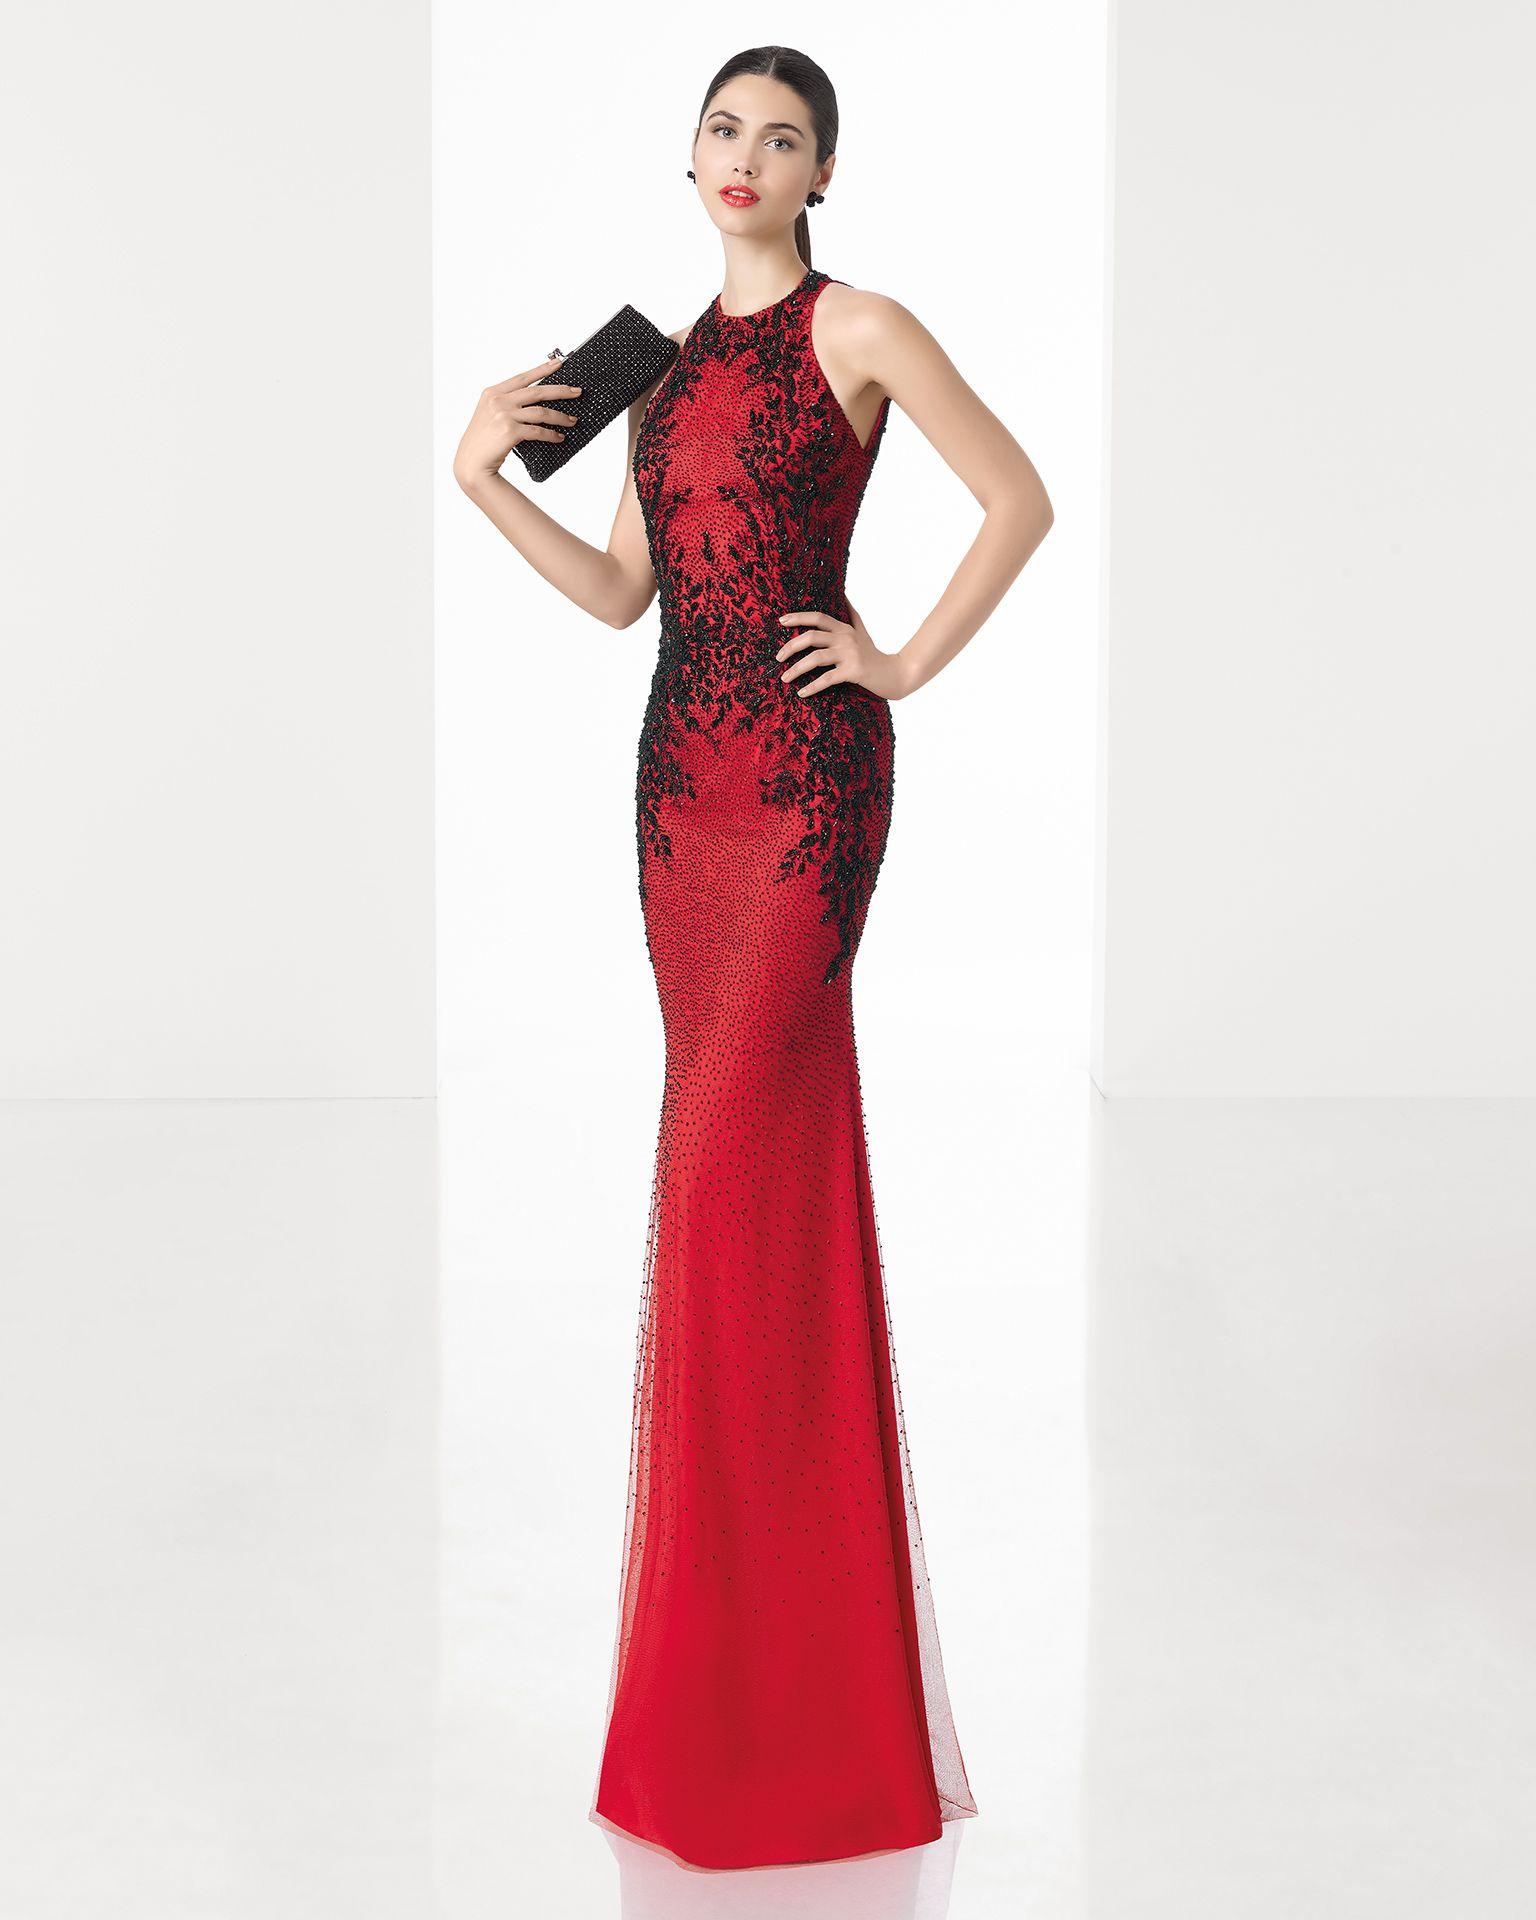 Largo Sirena Vestido Bordado Espalda Color Y Con Pedrería Beige Complementado Humo Rojonegro Chal En Baja dqHgHw